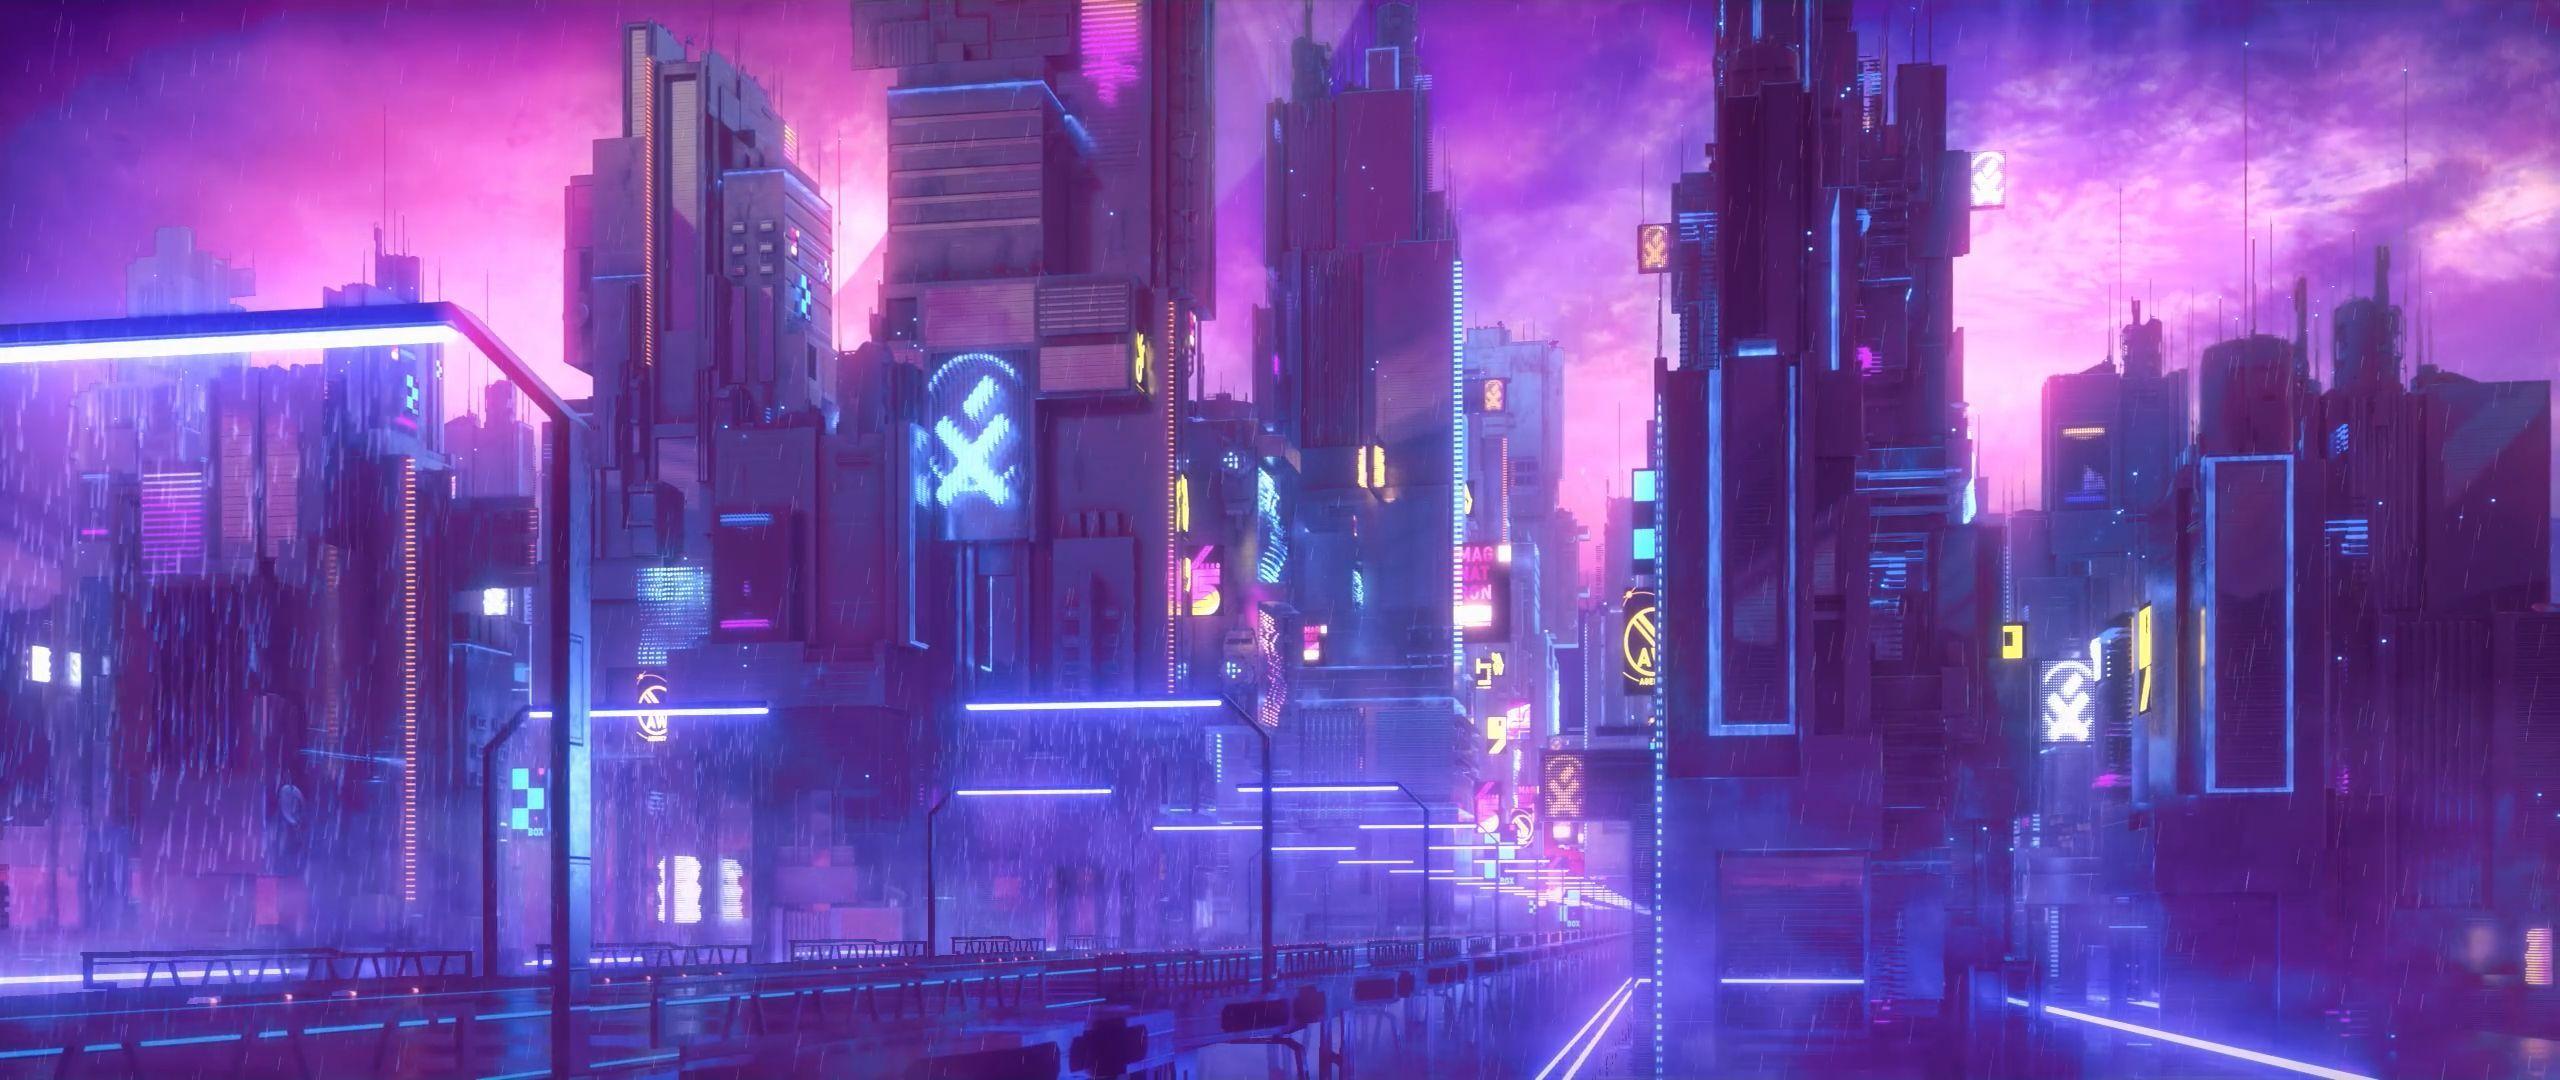 Cyberpunk Neon Futuristic City Purple Neon Lights Artwork Science Fiction Wallpaper No 586968 Wallhaven Cc Cenario Coturno